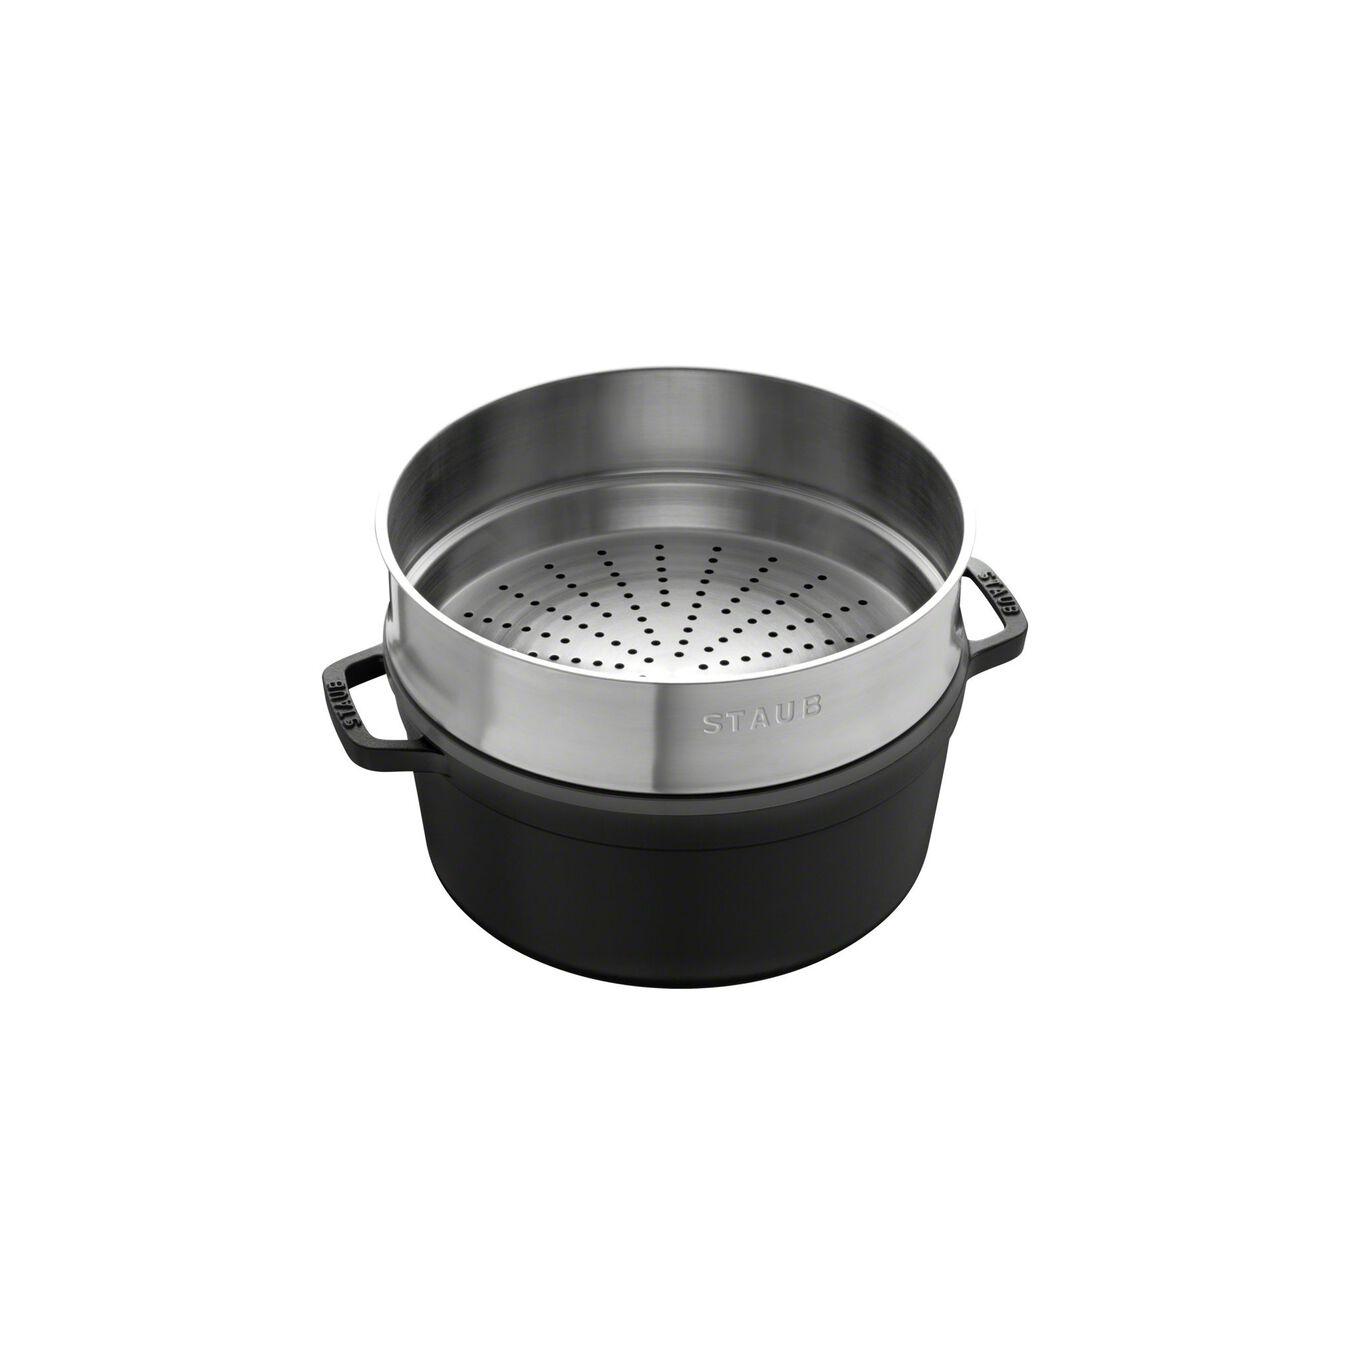 Cocotte con cestello a vapore rotonda - 26 cm, nero,,large 2